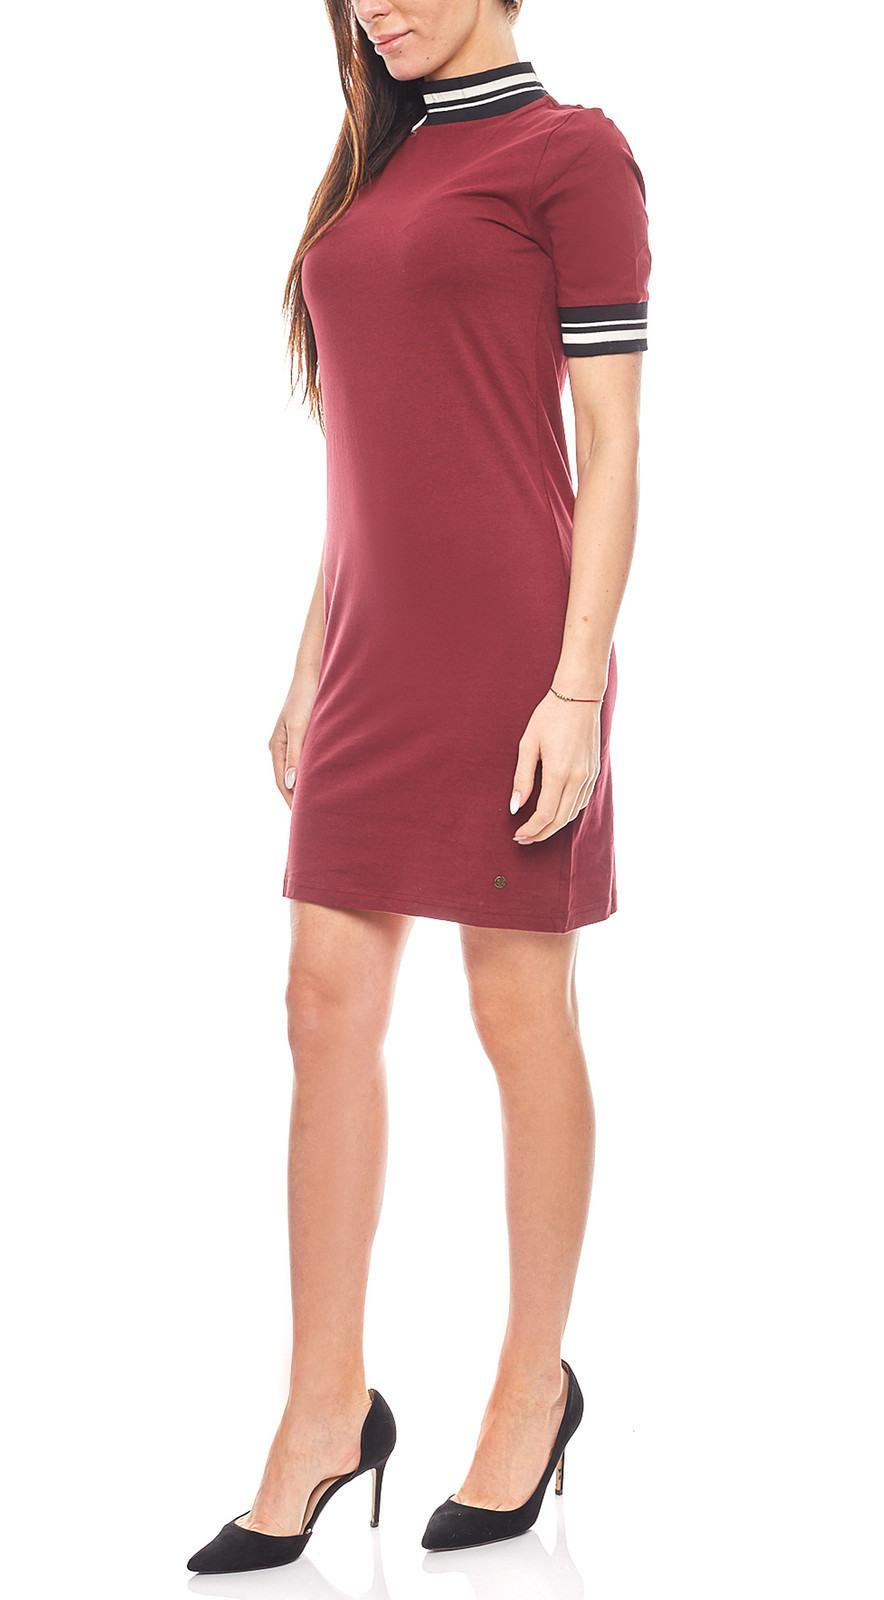 Ajc Kleid Sportliches Damen Jerseykleid Im Tshirt Style